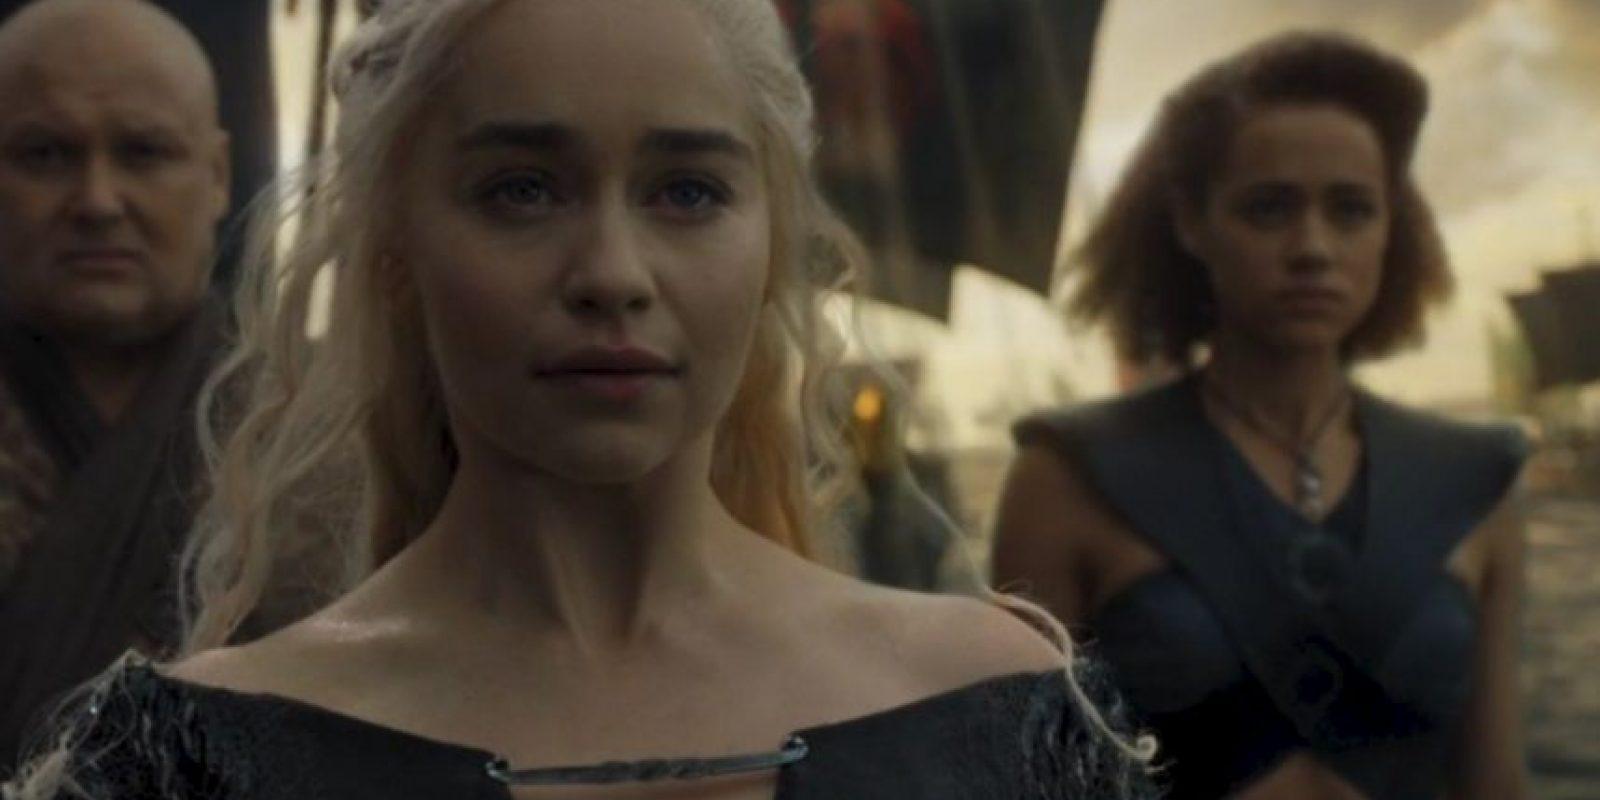 Lo que esperaron por años los fans: ver a Daenerys invadir Westeros. Foto:HBO. Imagen Por: